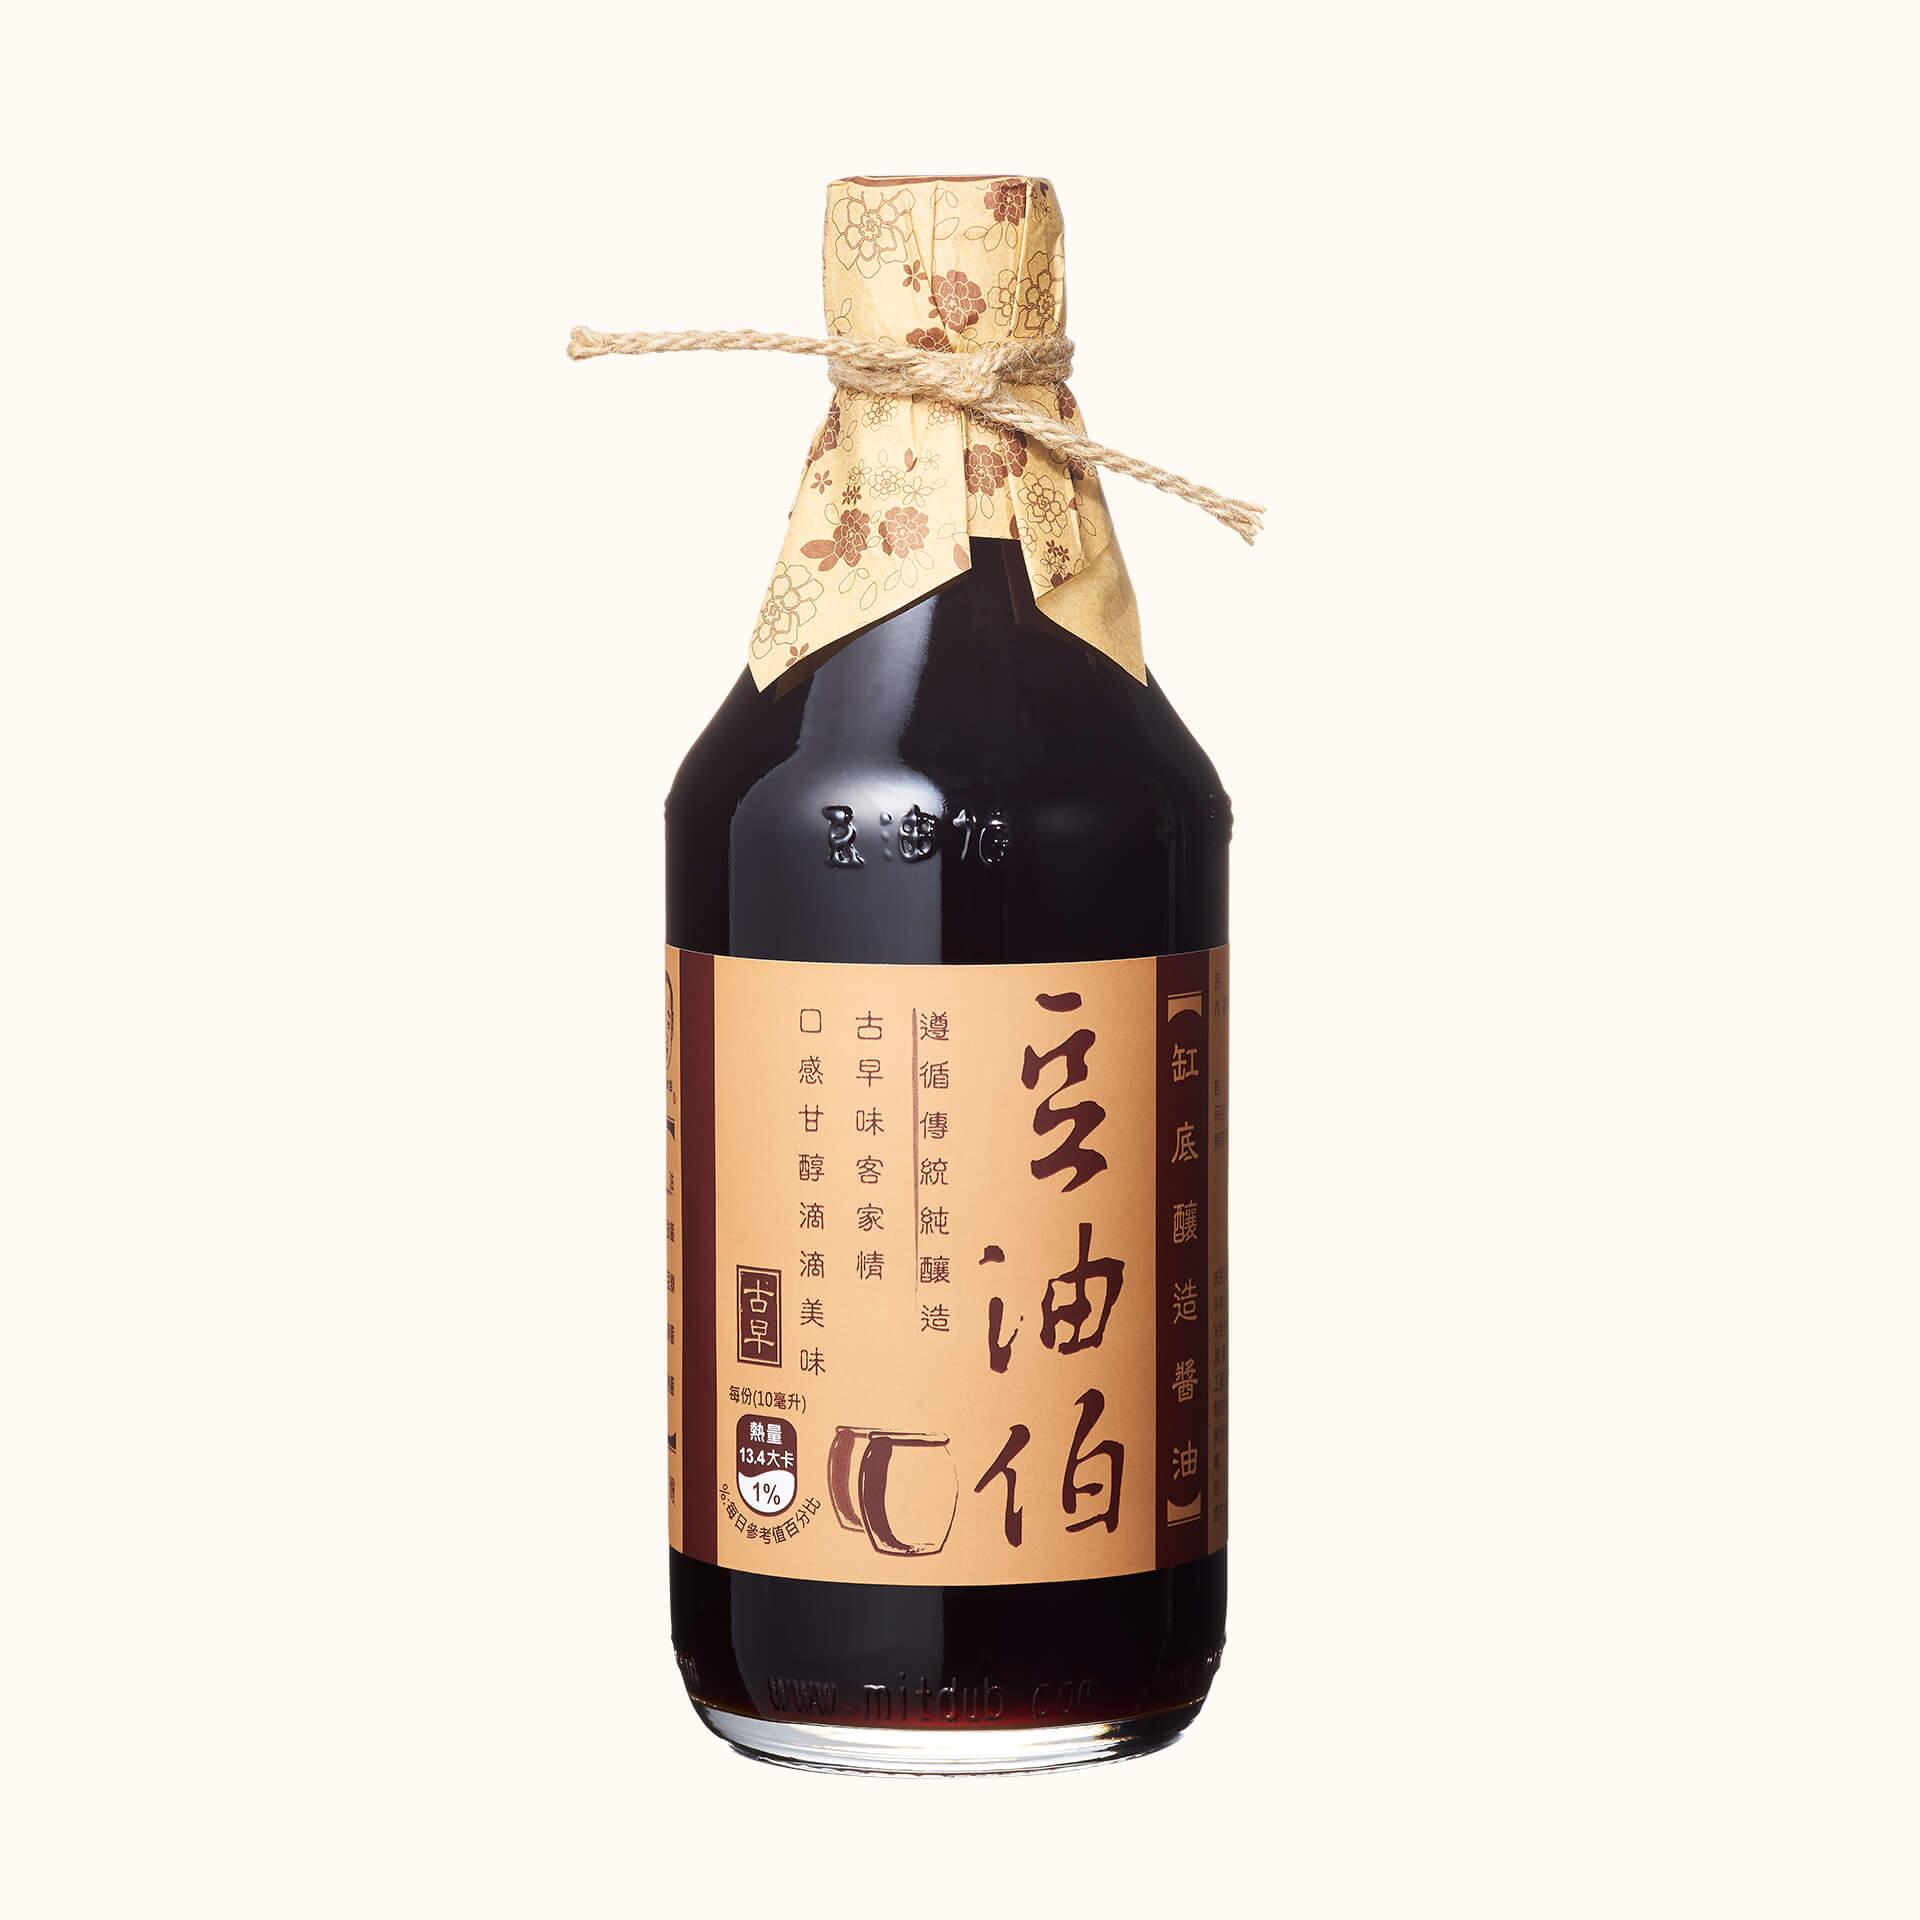 【新客限定】缸底醬油1入+金美好醬油1入+金豆醬油1入(共3入)送復古袋1個(不挑色)